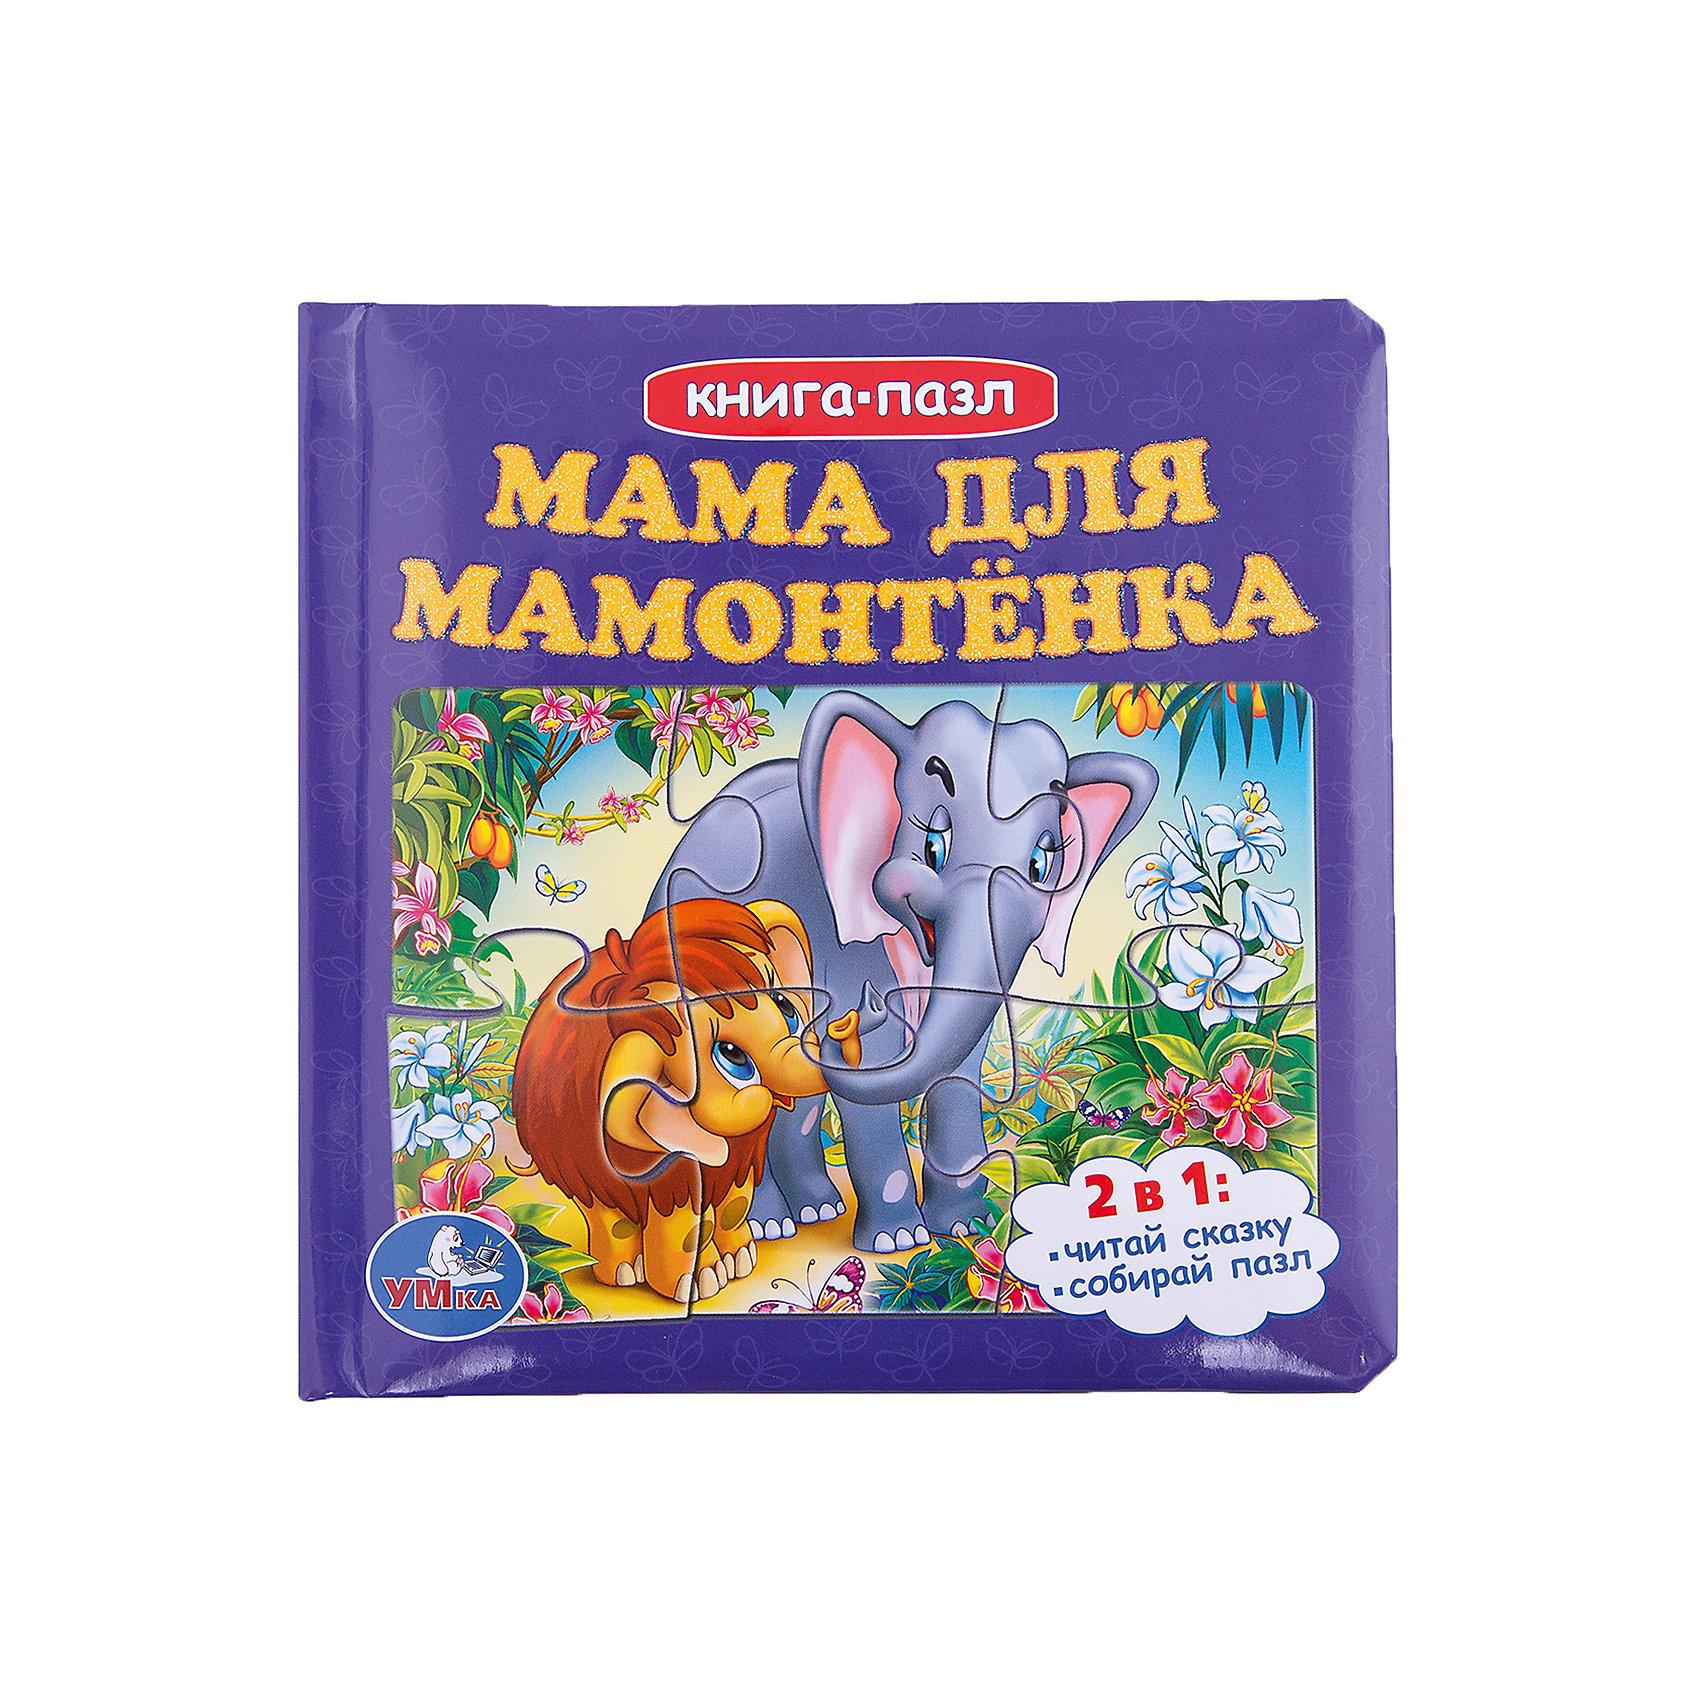 Книга с пазлами Мама для мамонтенка, УмкаКниги-пазлы<br>Прекрасная и трогательная история Мама для мамонтенка не оставит равнодушным ни одного ребенка. Помимо текста и красочных иллюстраций на страницах книги Вашего ребенка ждут еще и пазлы! Собирание пазлов развивает мелкую моторику, логику, образное мышление, терпение и усидчивость, а любимые герои обязательно помогут малышу в этом непростом деле. Великолепное издание для юных исследователей.<br><br>Дополнительная информация:<br>- рекомендуемый возраст: от 1 года<br>- материалы: картон<br>- 12 прочных картонных страниц, пазлы из 6 деталей на каждом развороте<br>- иллюстрации: цветные<br>- обложка: твердая<br>- размеры: 16 х 17 х 3 см<br>- вес: 530 гр <br><br>Книгу с пазлами Мама для мамонтенка, Умка можно купить в нашем магазине<br><br>Ширина мм: 160<br>Глубина мм: 170<br>Высота мм: 30<br>Вес г: 530<br>Возраст от месяцев: 24<br>Возраст до месяцев: 60<br>Пол: Унисекс<br>Возраст: Детский<br>SKU: 4754662